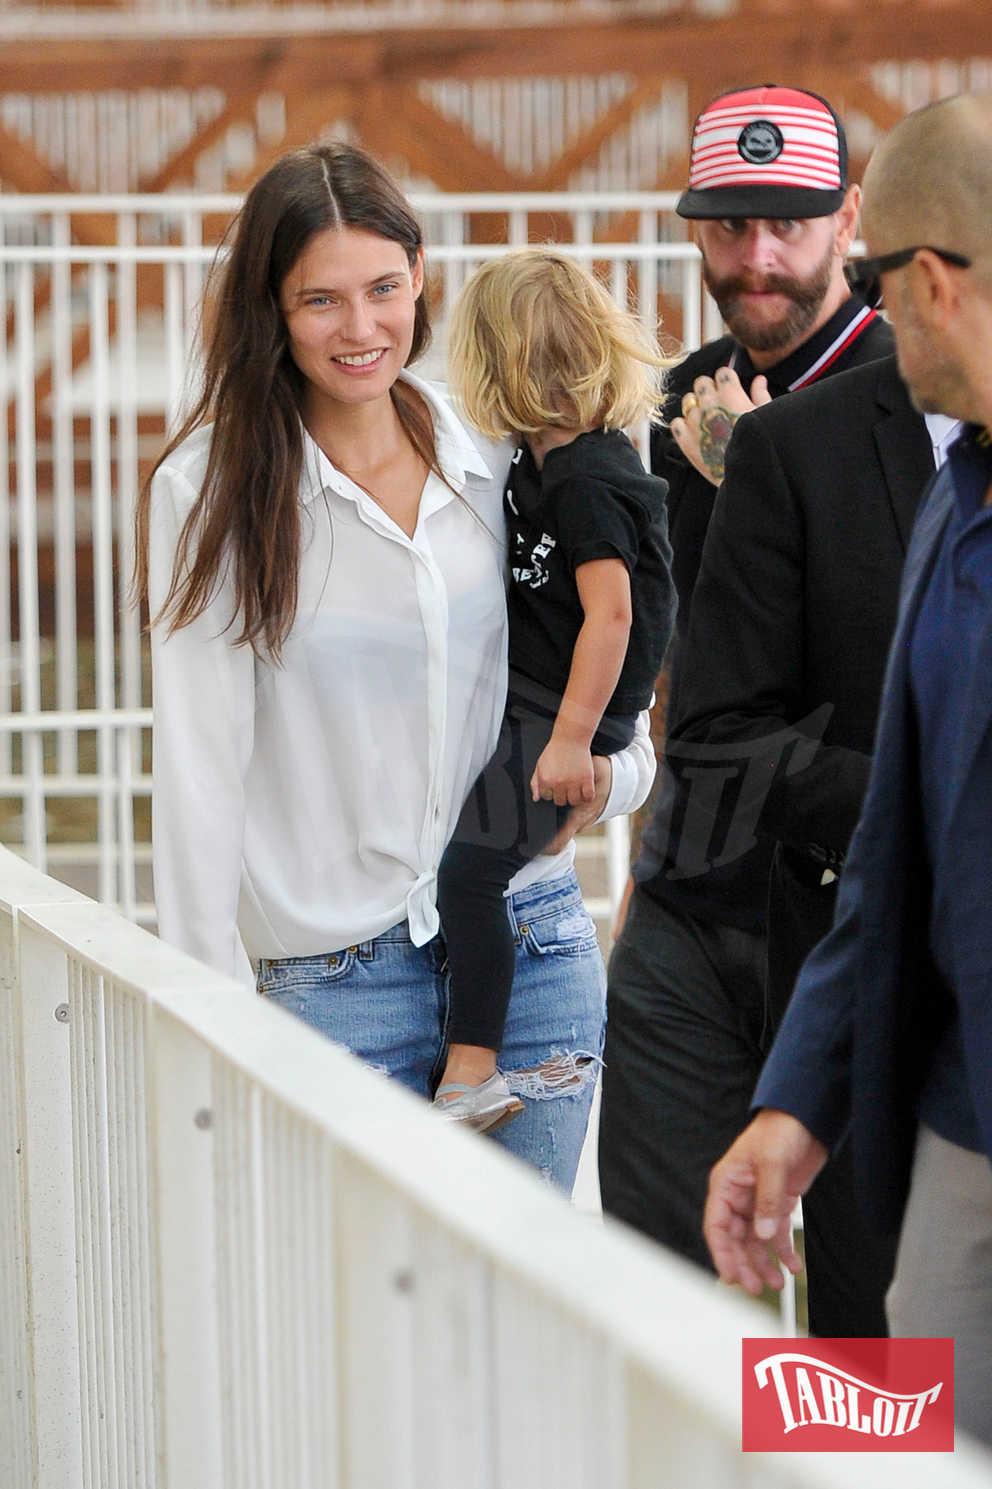 Bianca Balti, Matthew McRae e la figlia all'aeroporto di Venezia, dopo aver partecipato alla Mostra del Cinema dello scorso agosto. Bianca e Matthew stanno insieme da tre anni e hanno una figlia, Mia, di due